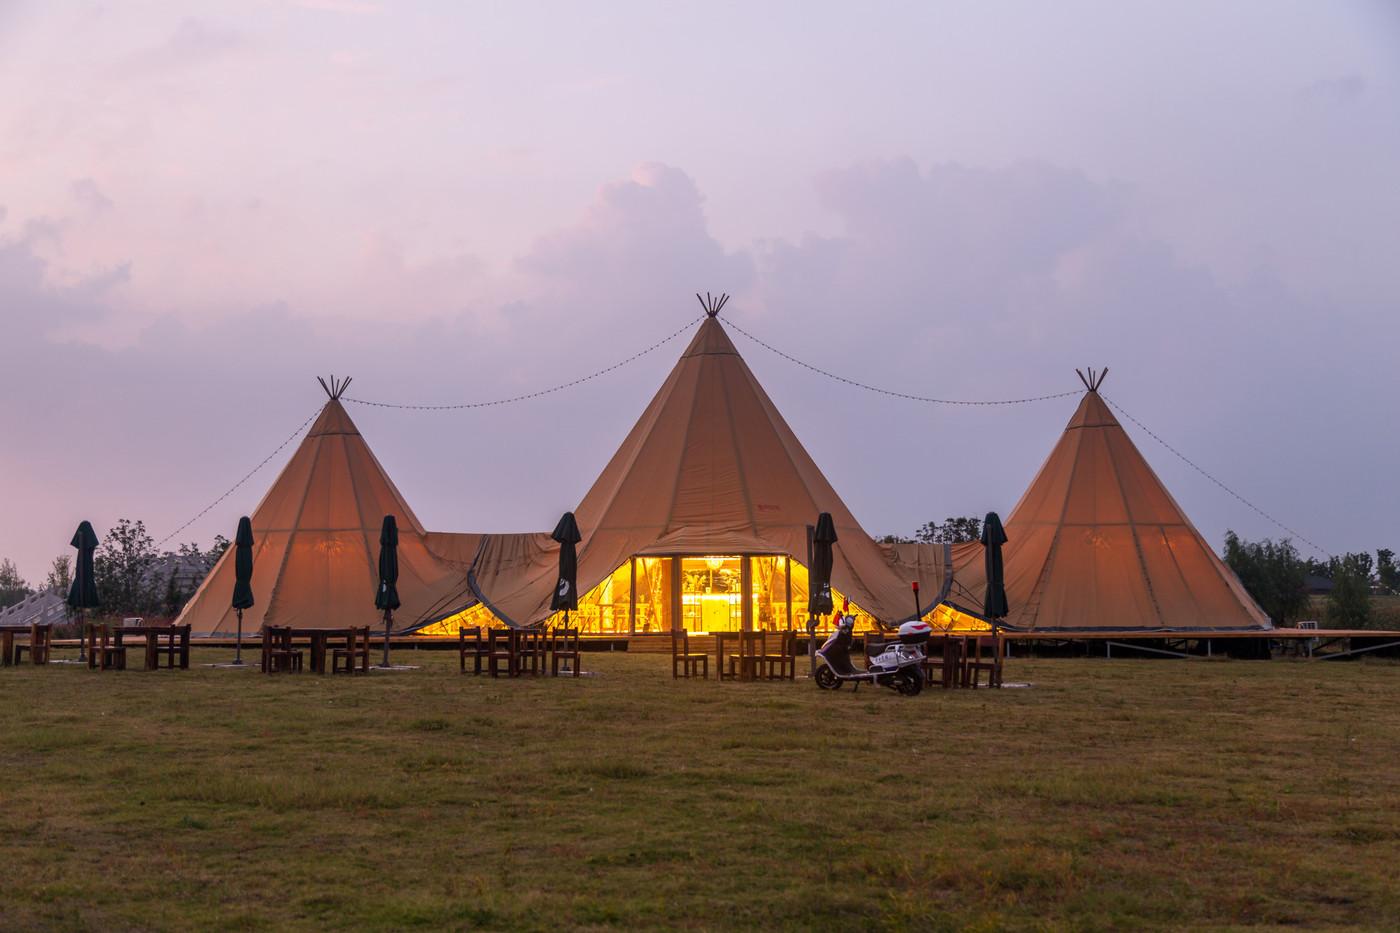 喜马拉雅印第安多功能大厅帐篷酒店17